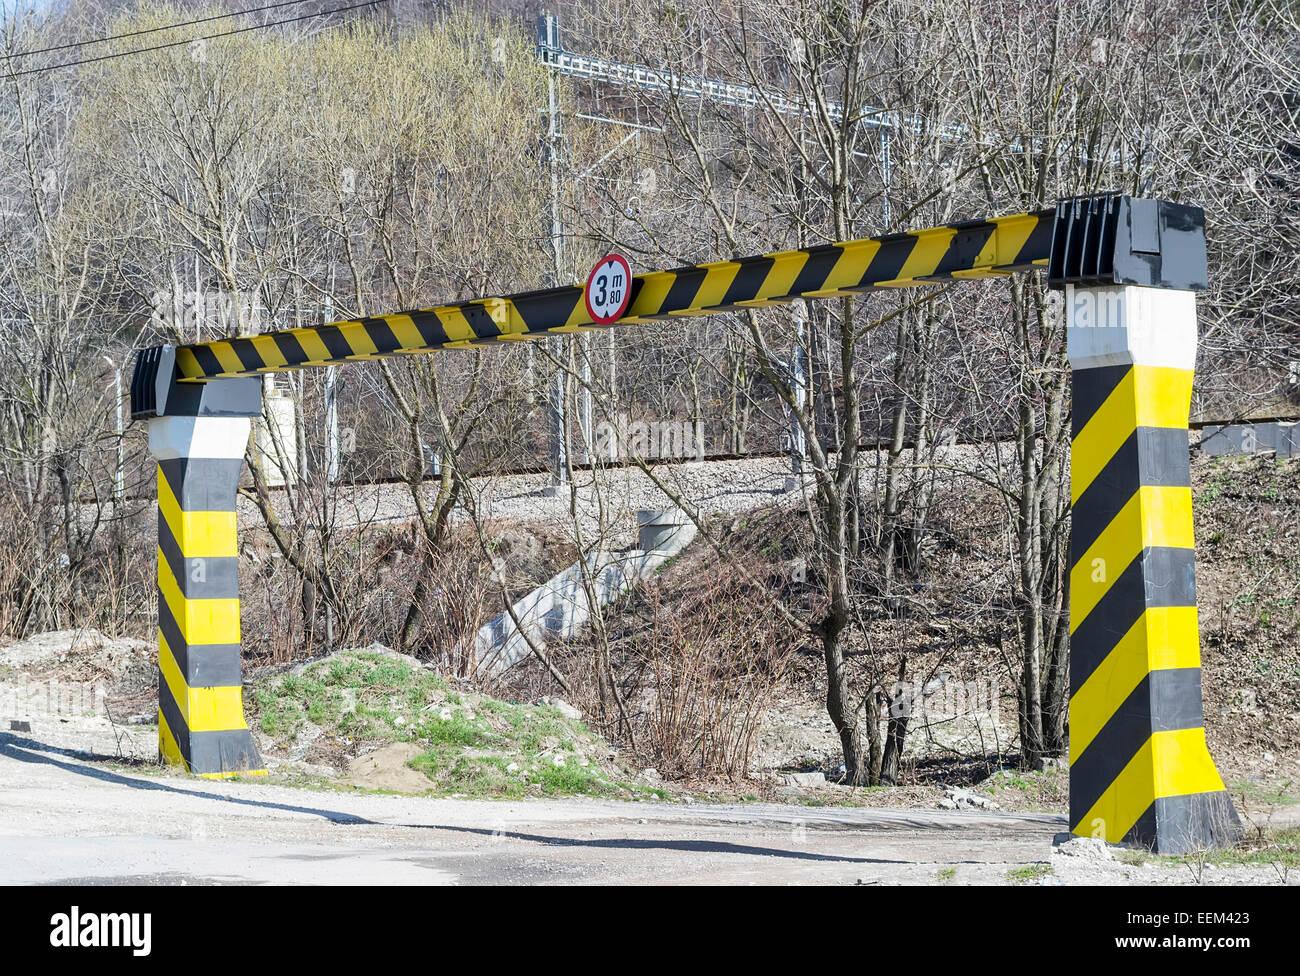 Poutres en fer pour le règlement de la hauteur à l'entrée d'une route Photo Stock